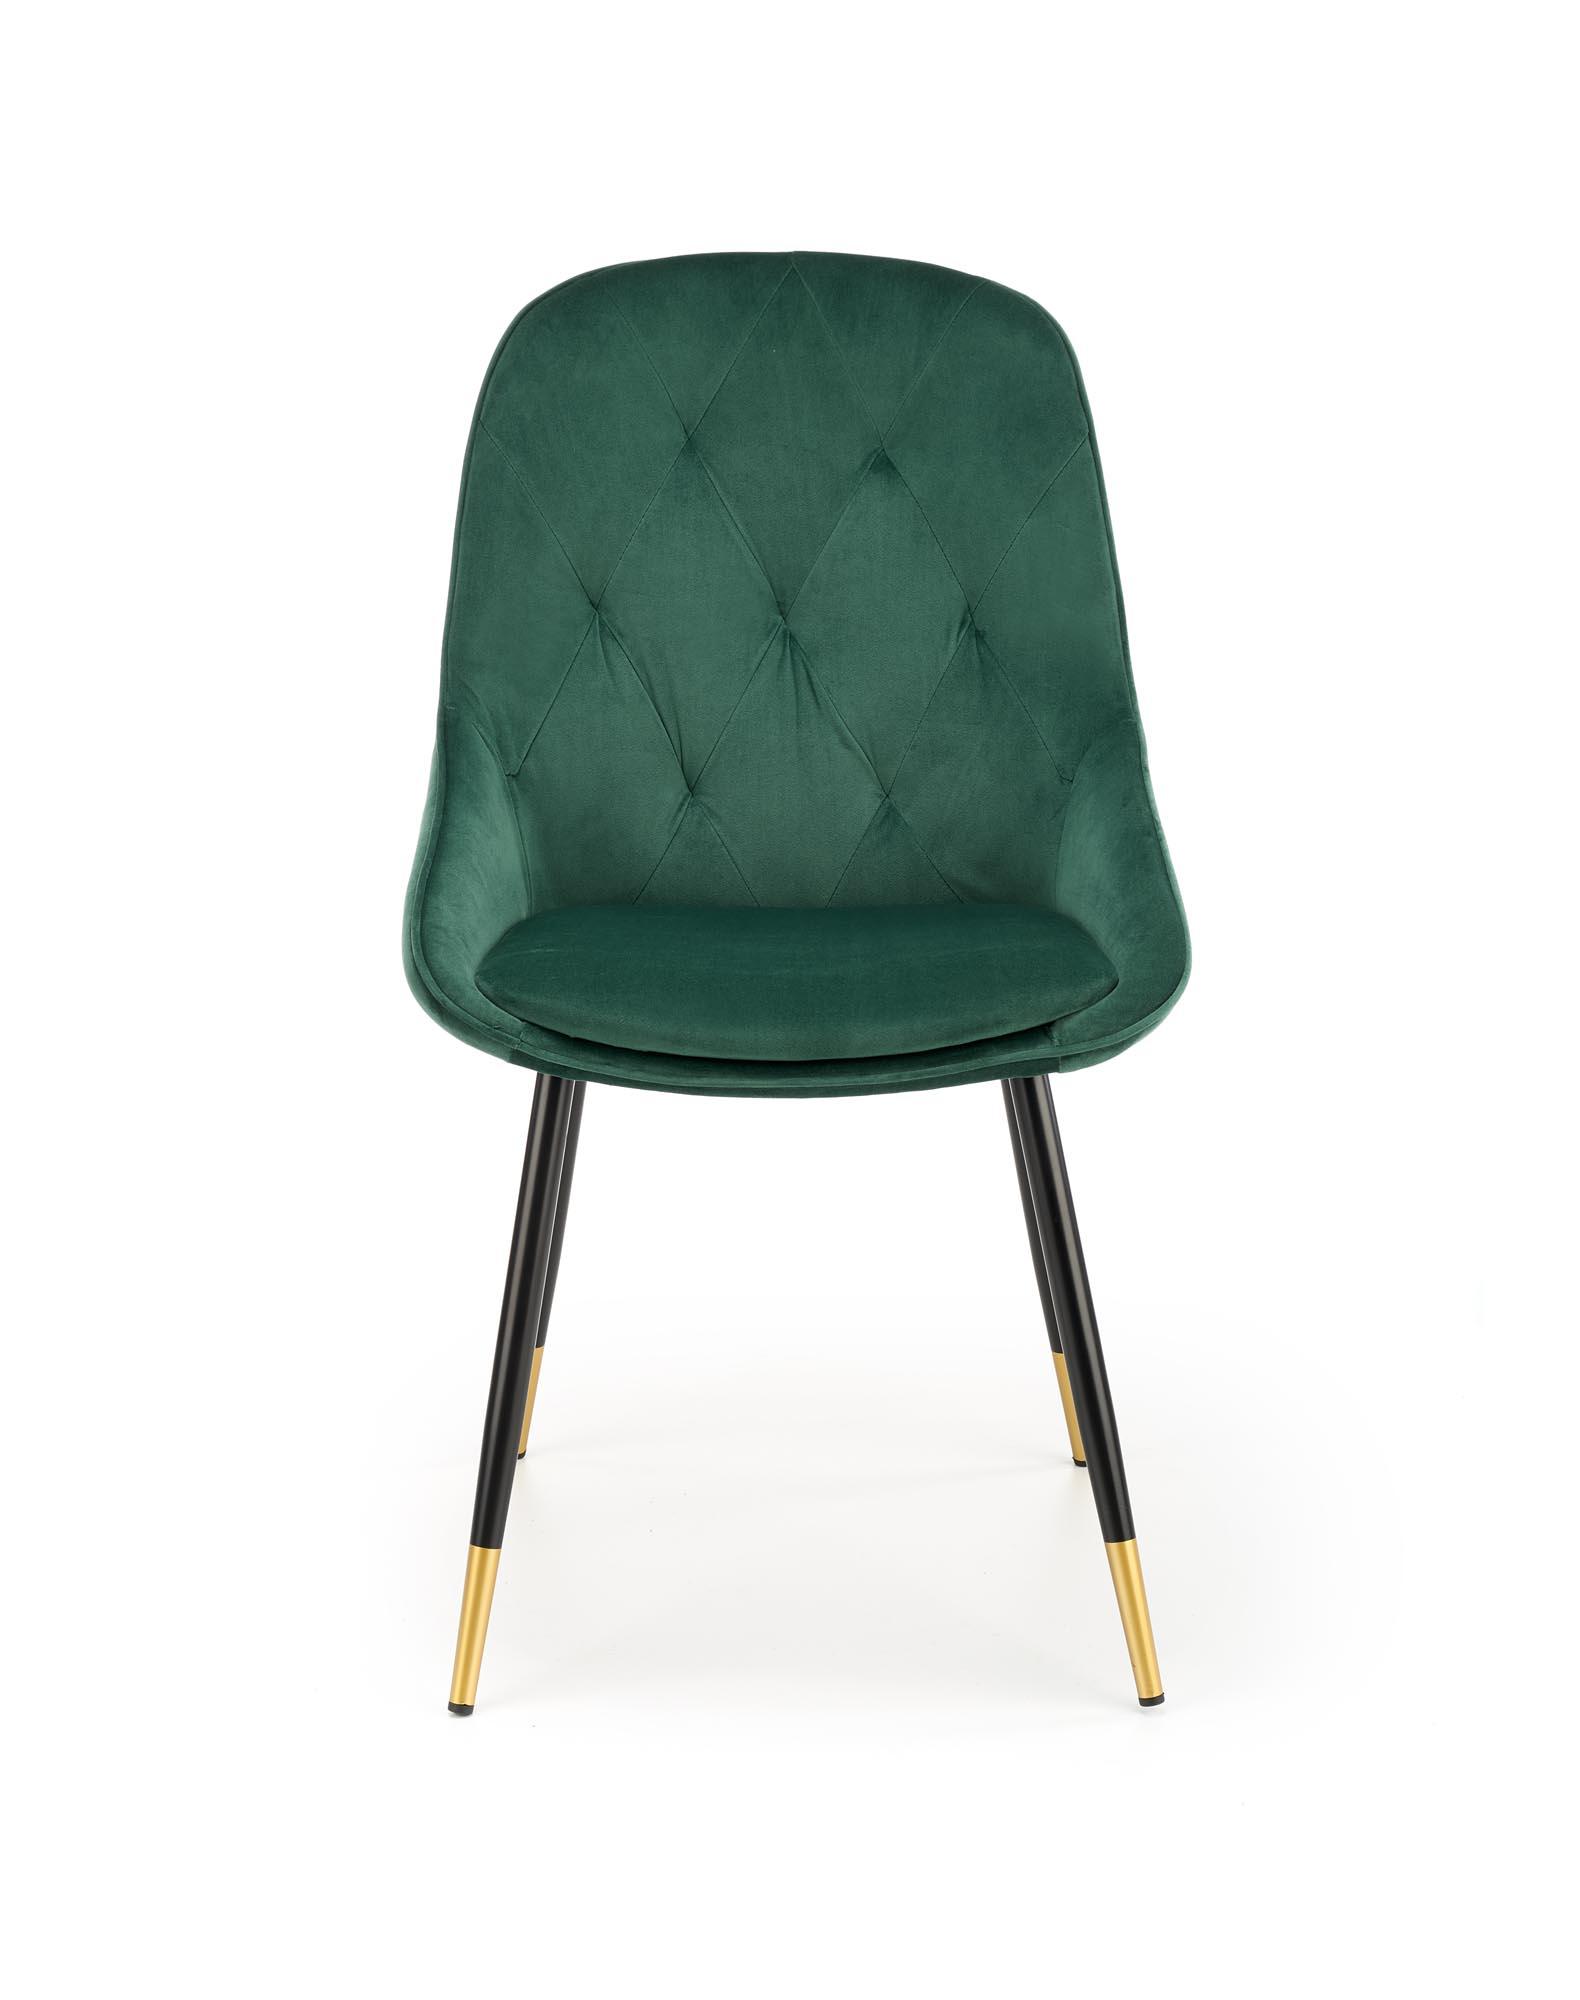 K437 krzesło ciemny zielony